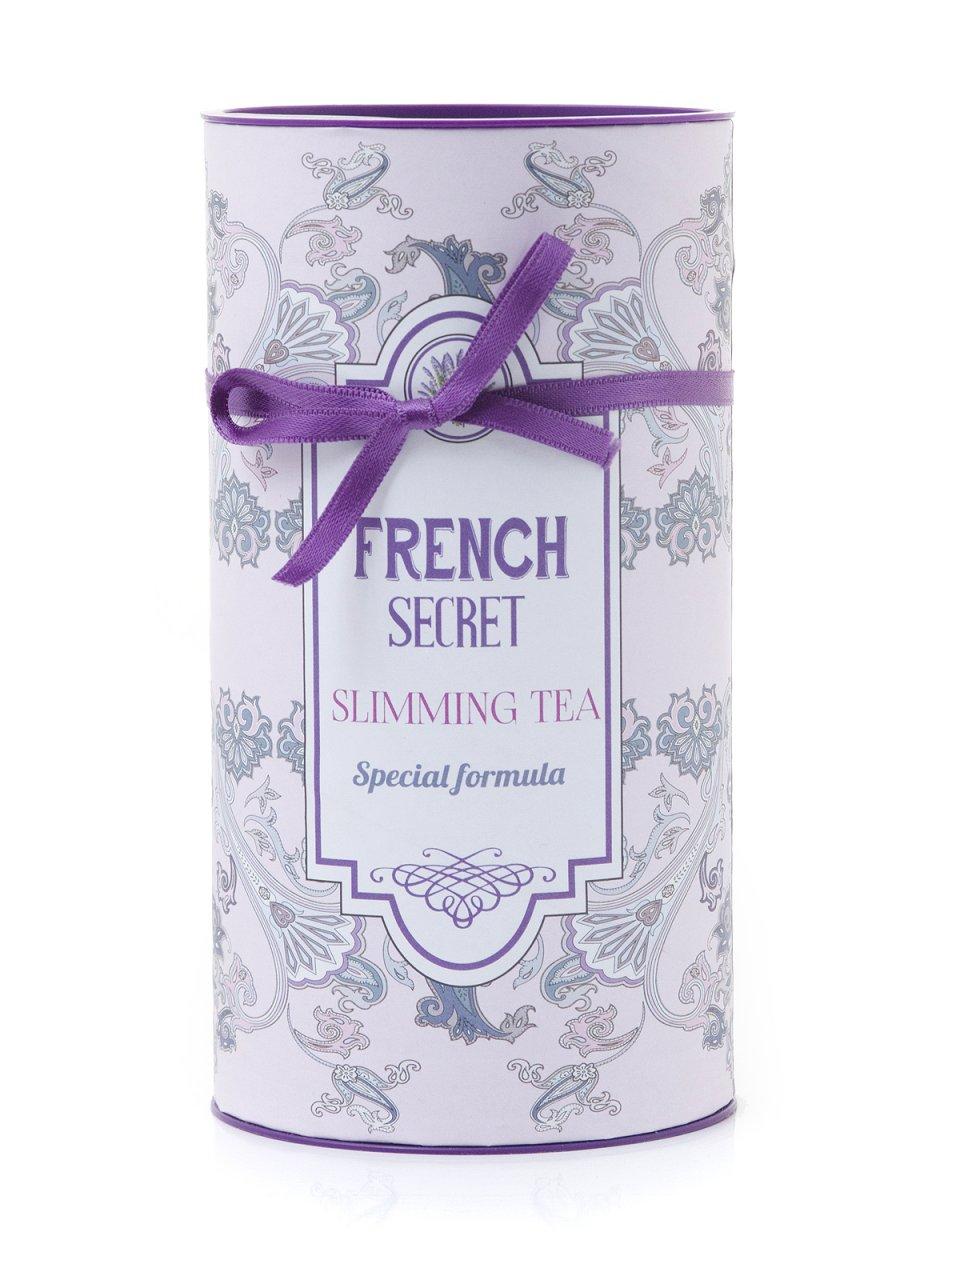 2 ПАКЕТА FRENCH SECRET TEA SLIMMING (120 БР) + ТЕРМОС